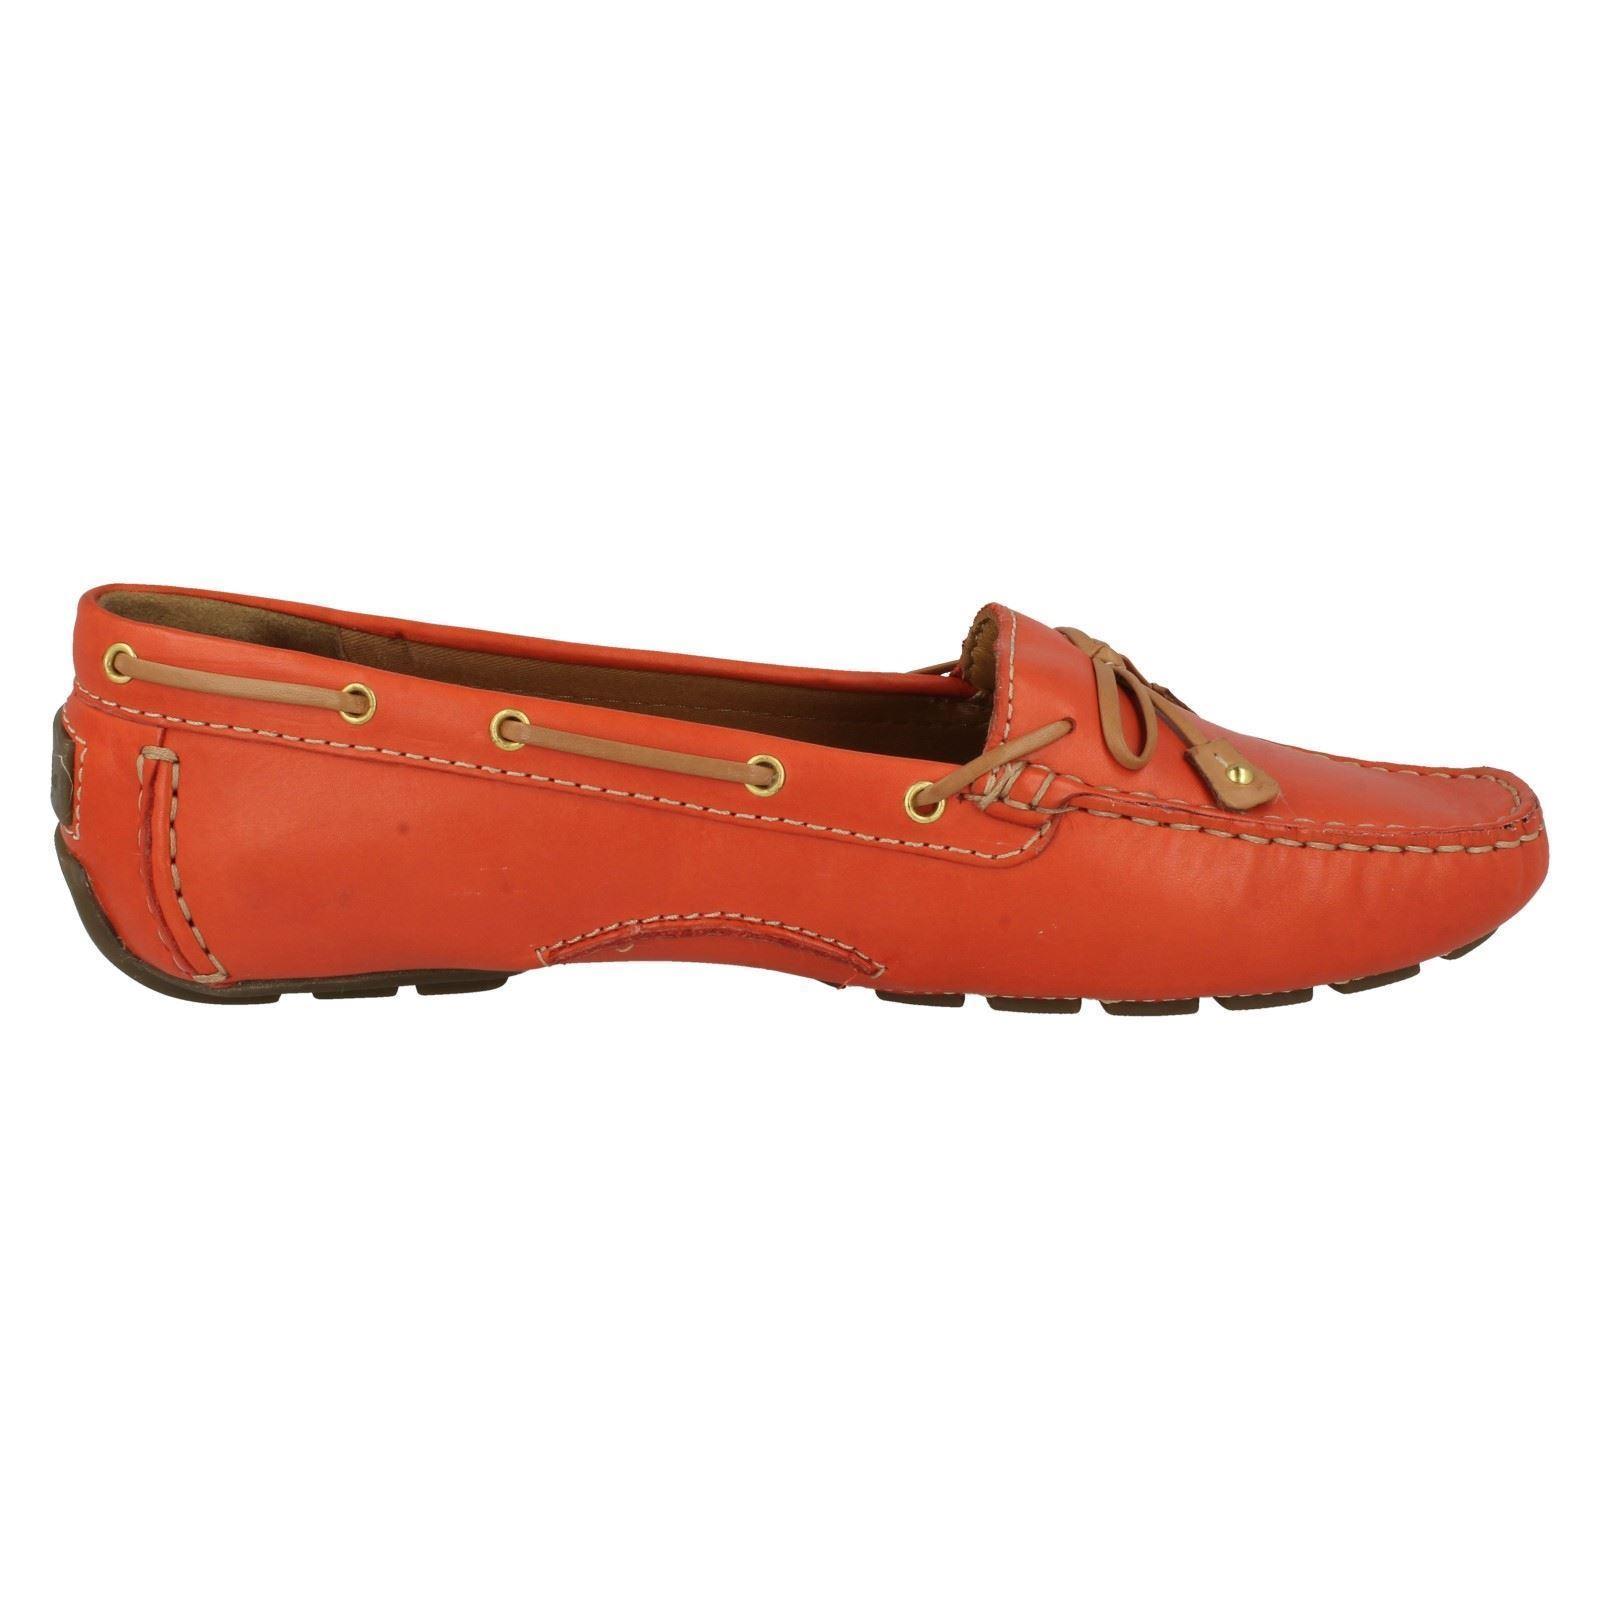 Clarks Dunbar Racer Womens Shoe